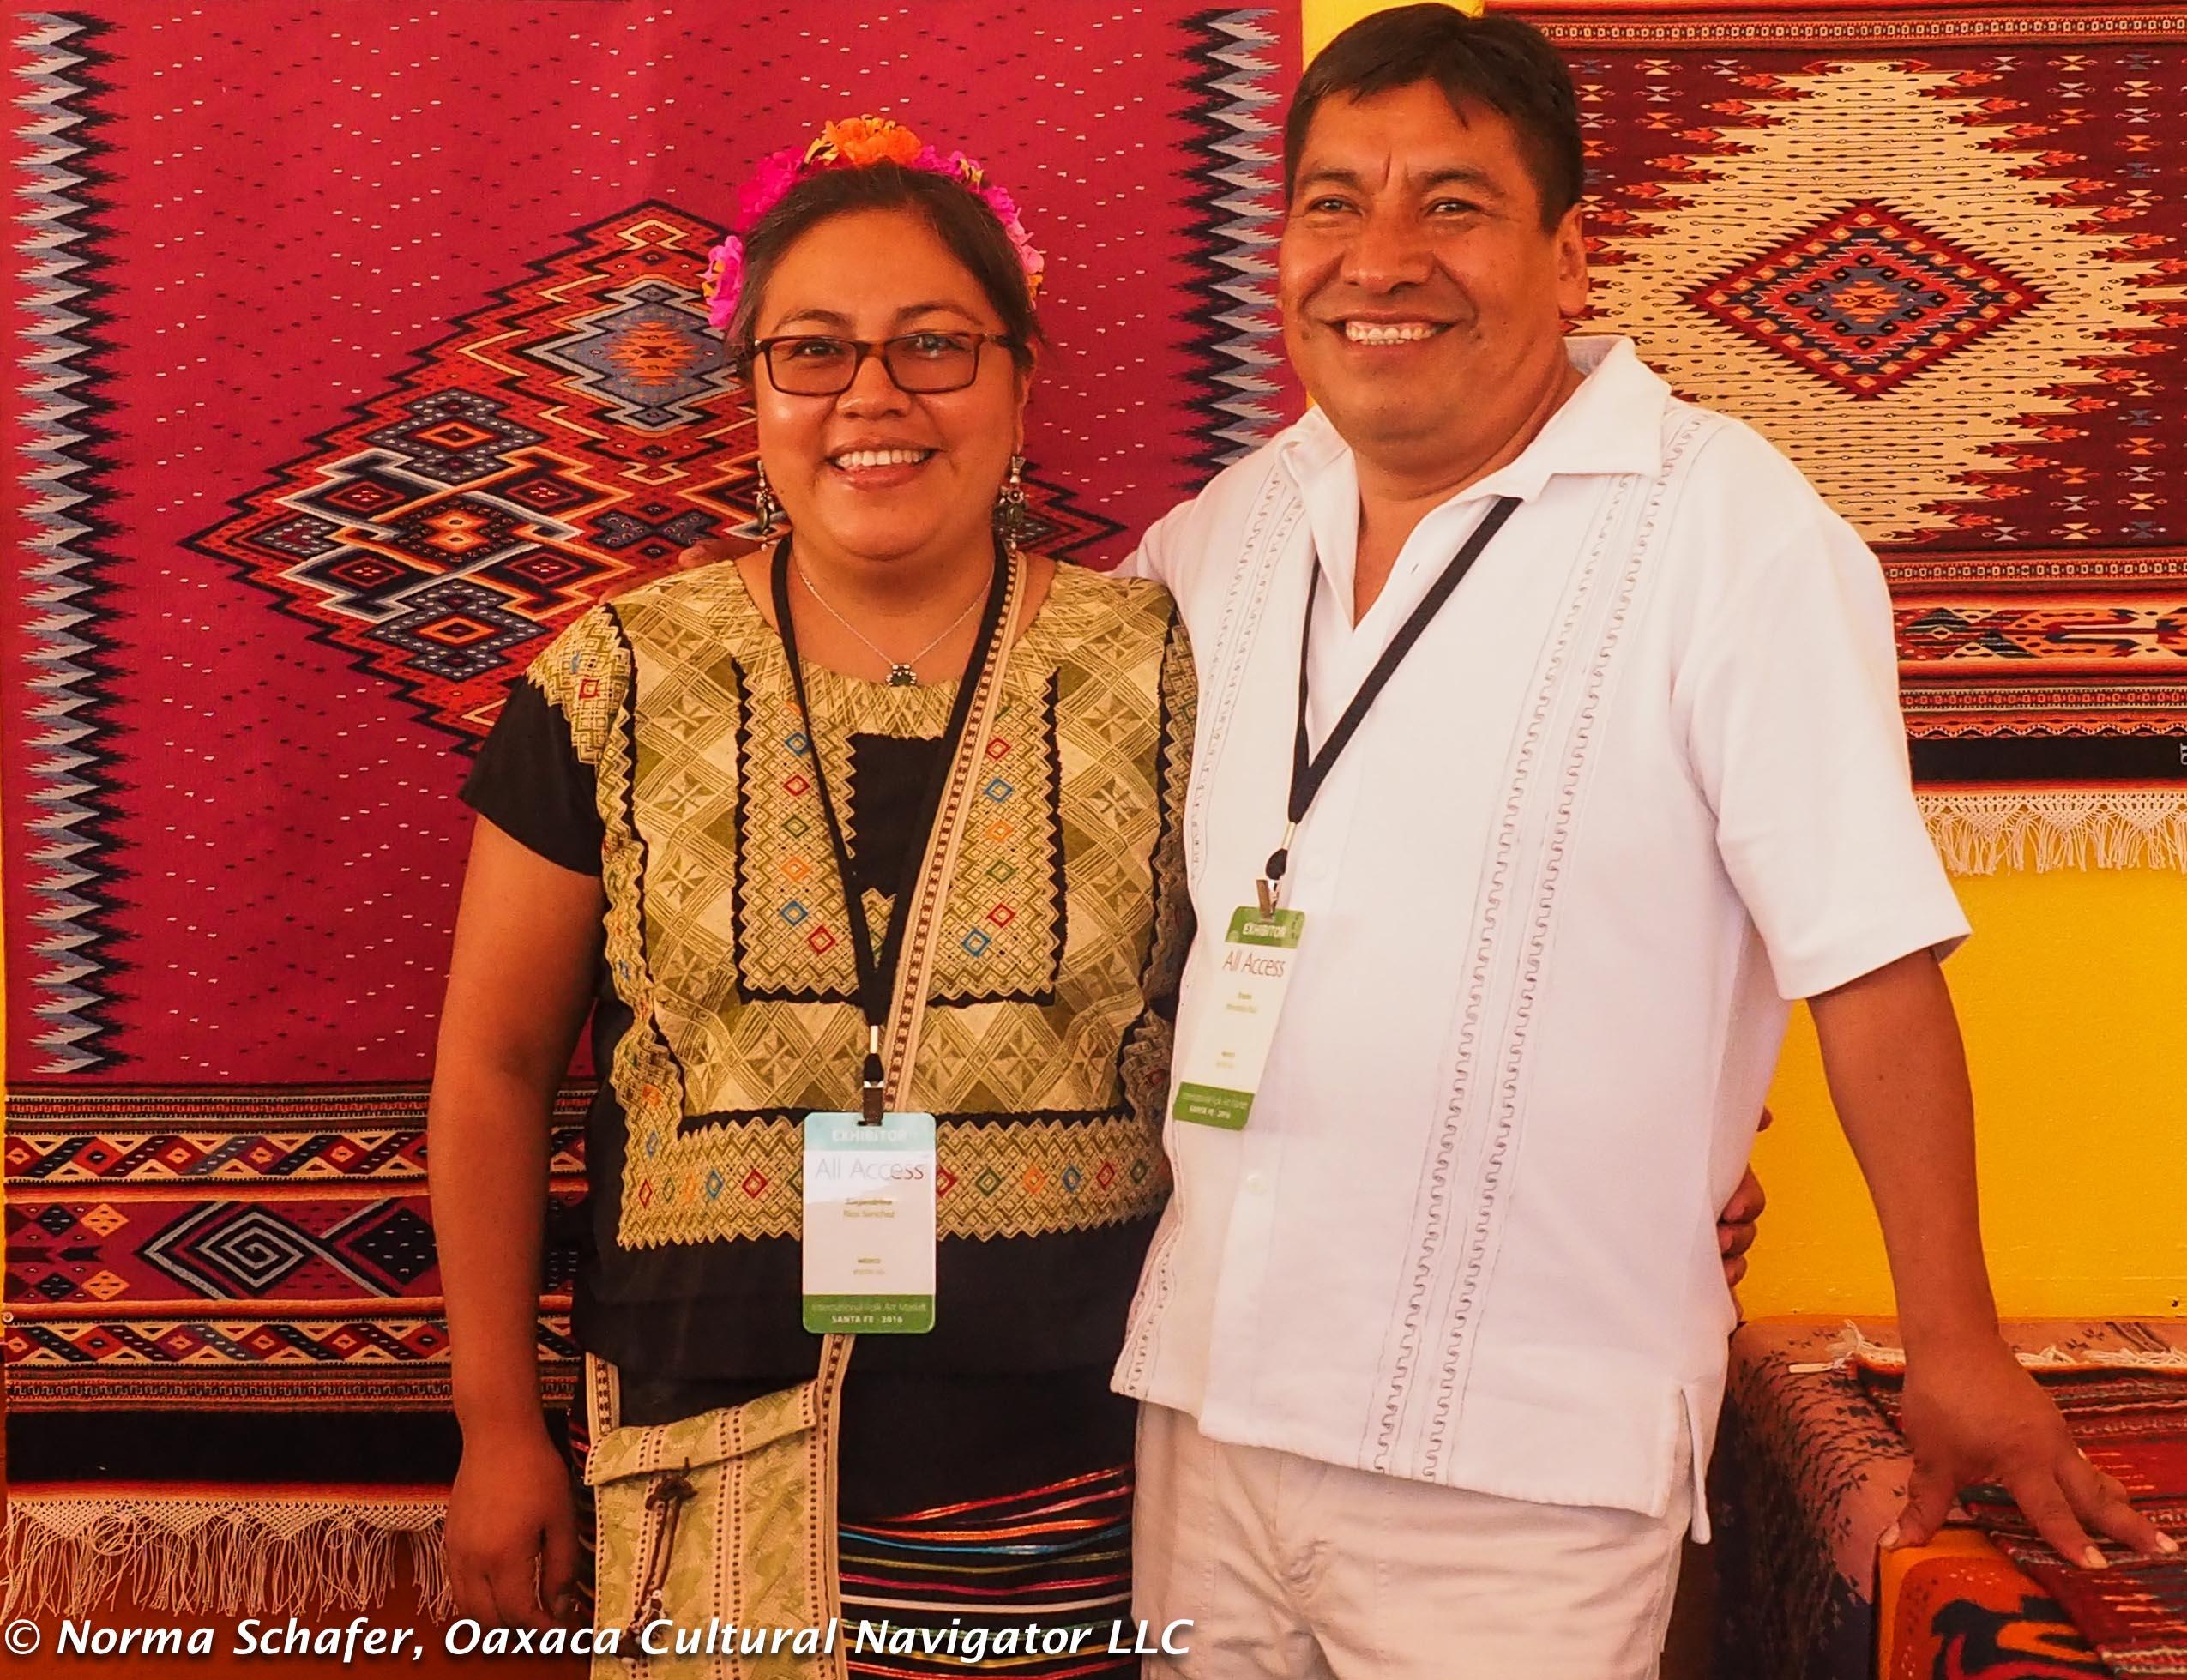 Ceramics Oaxaca Cultural Navigator Norma Schafer